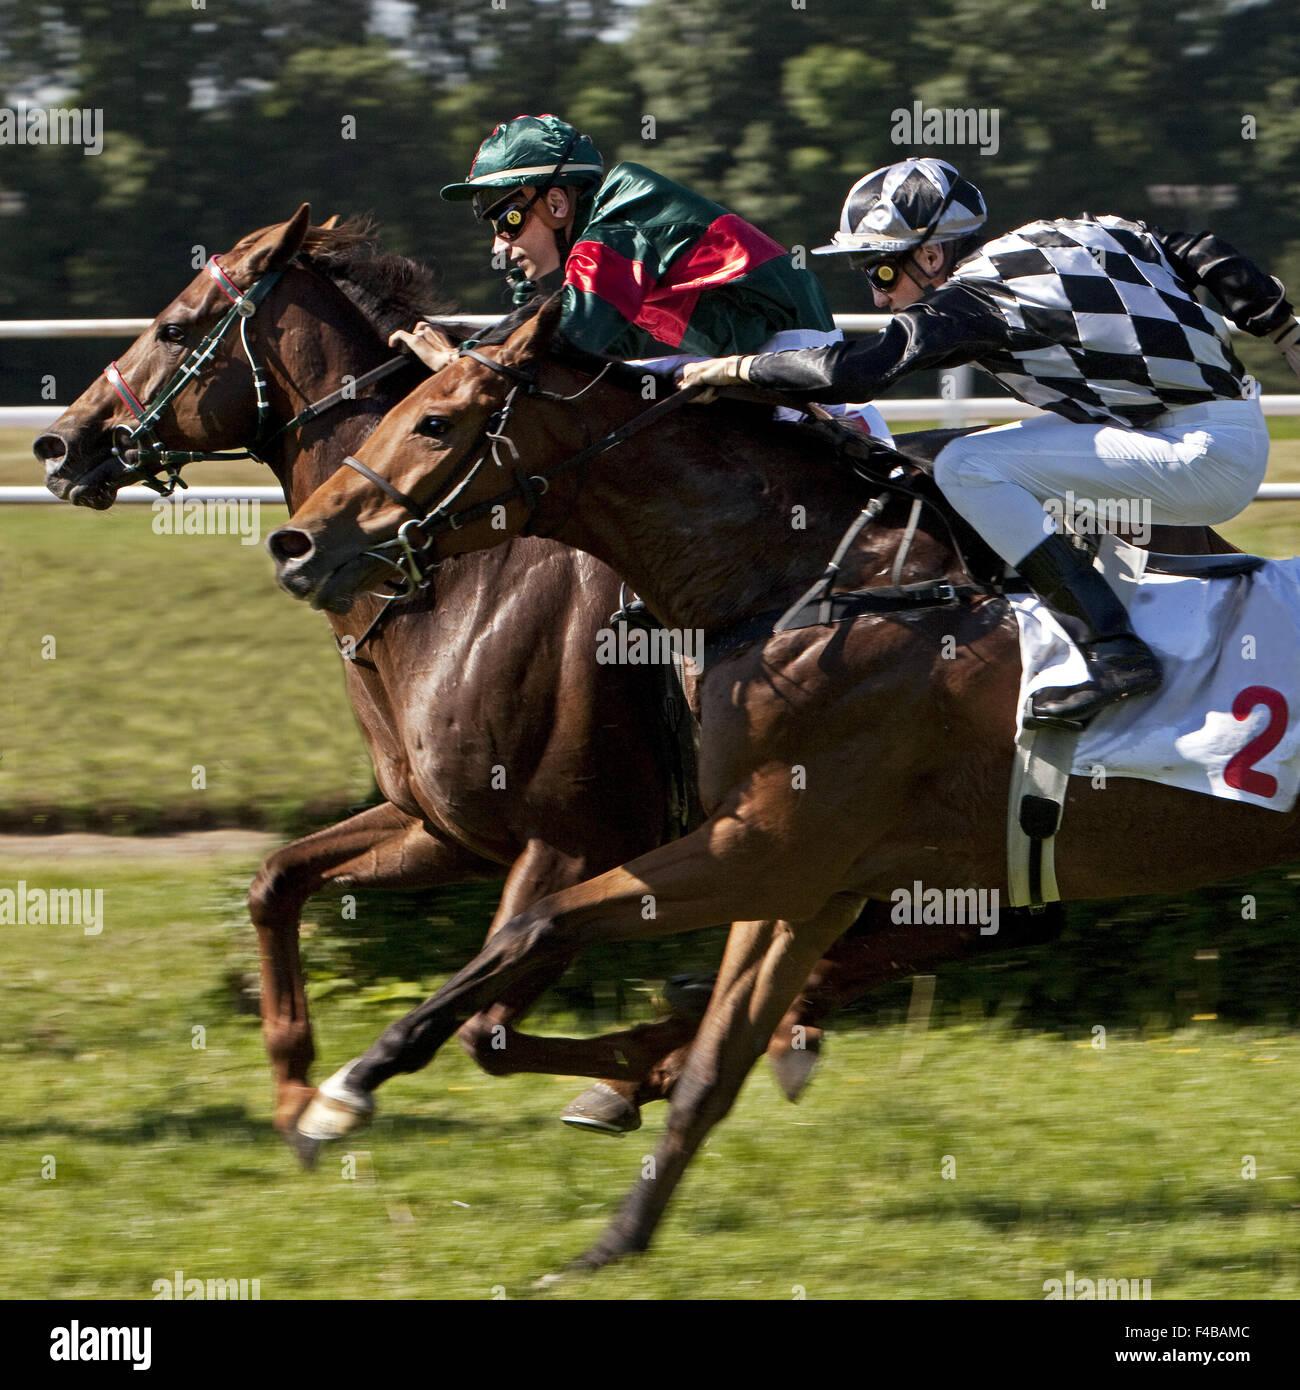 Las carreras de caballos, Dortmund, Alemania. Imagen De Stock